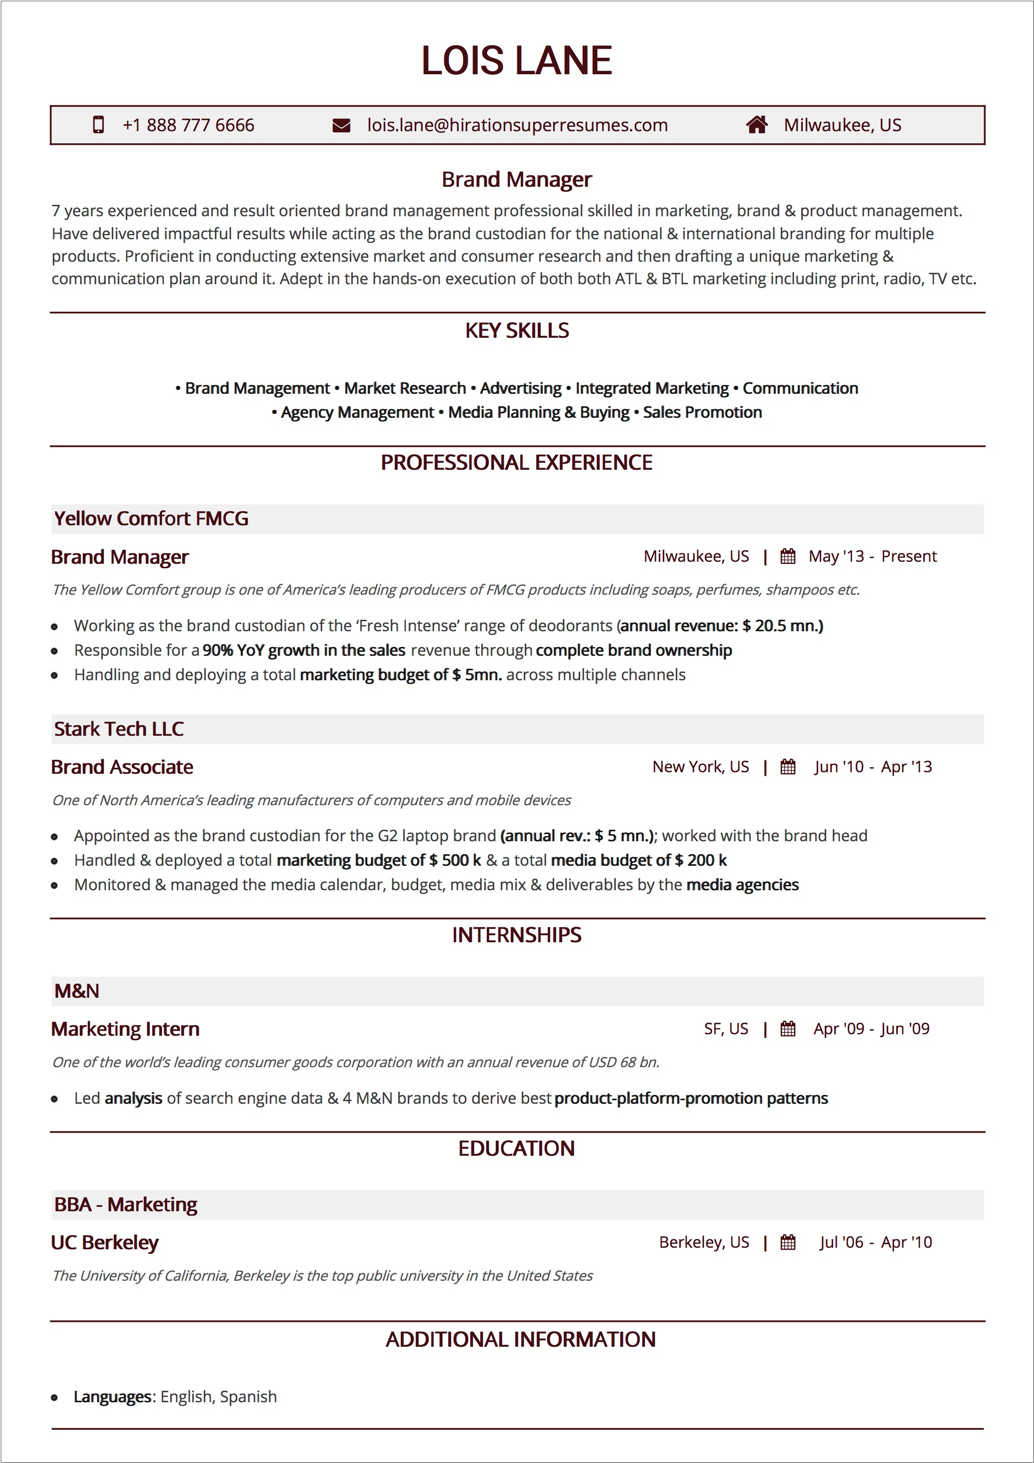 02.-Reverse_chronological_resume_format-1